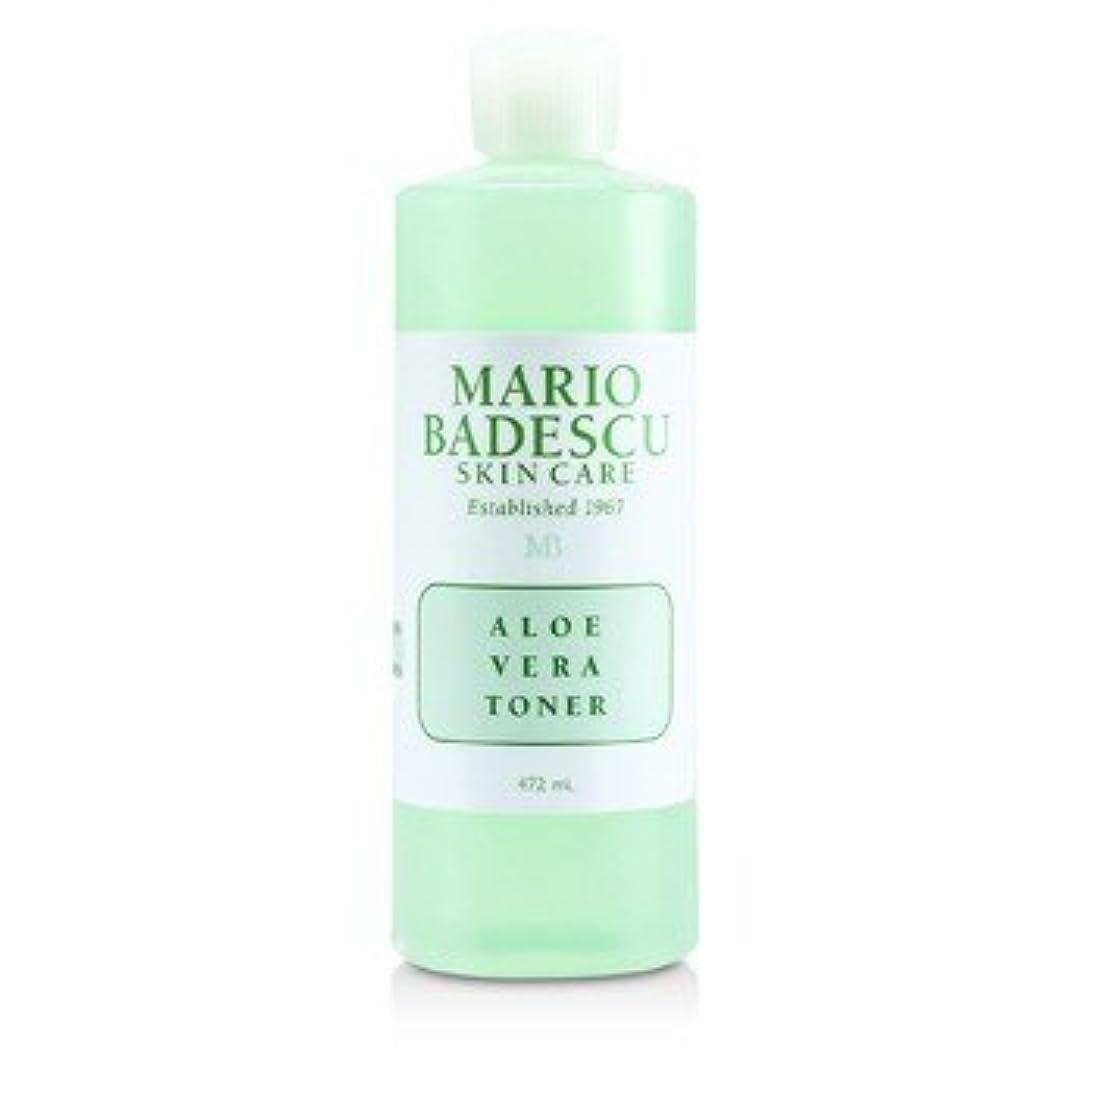 ペチコート施し緊張[Mario Badescu] Aloe Vera Toner - For Dry/ Sensitive Skin Types 472ml/16oz